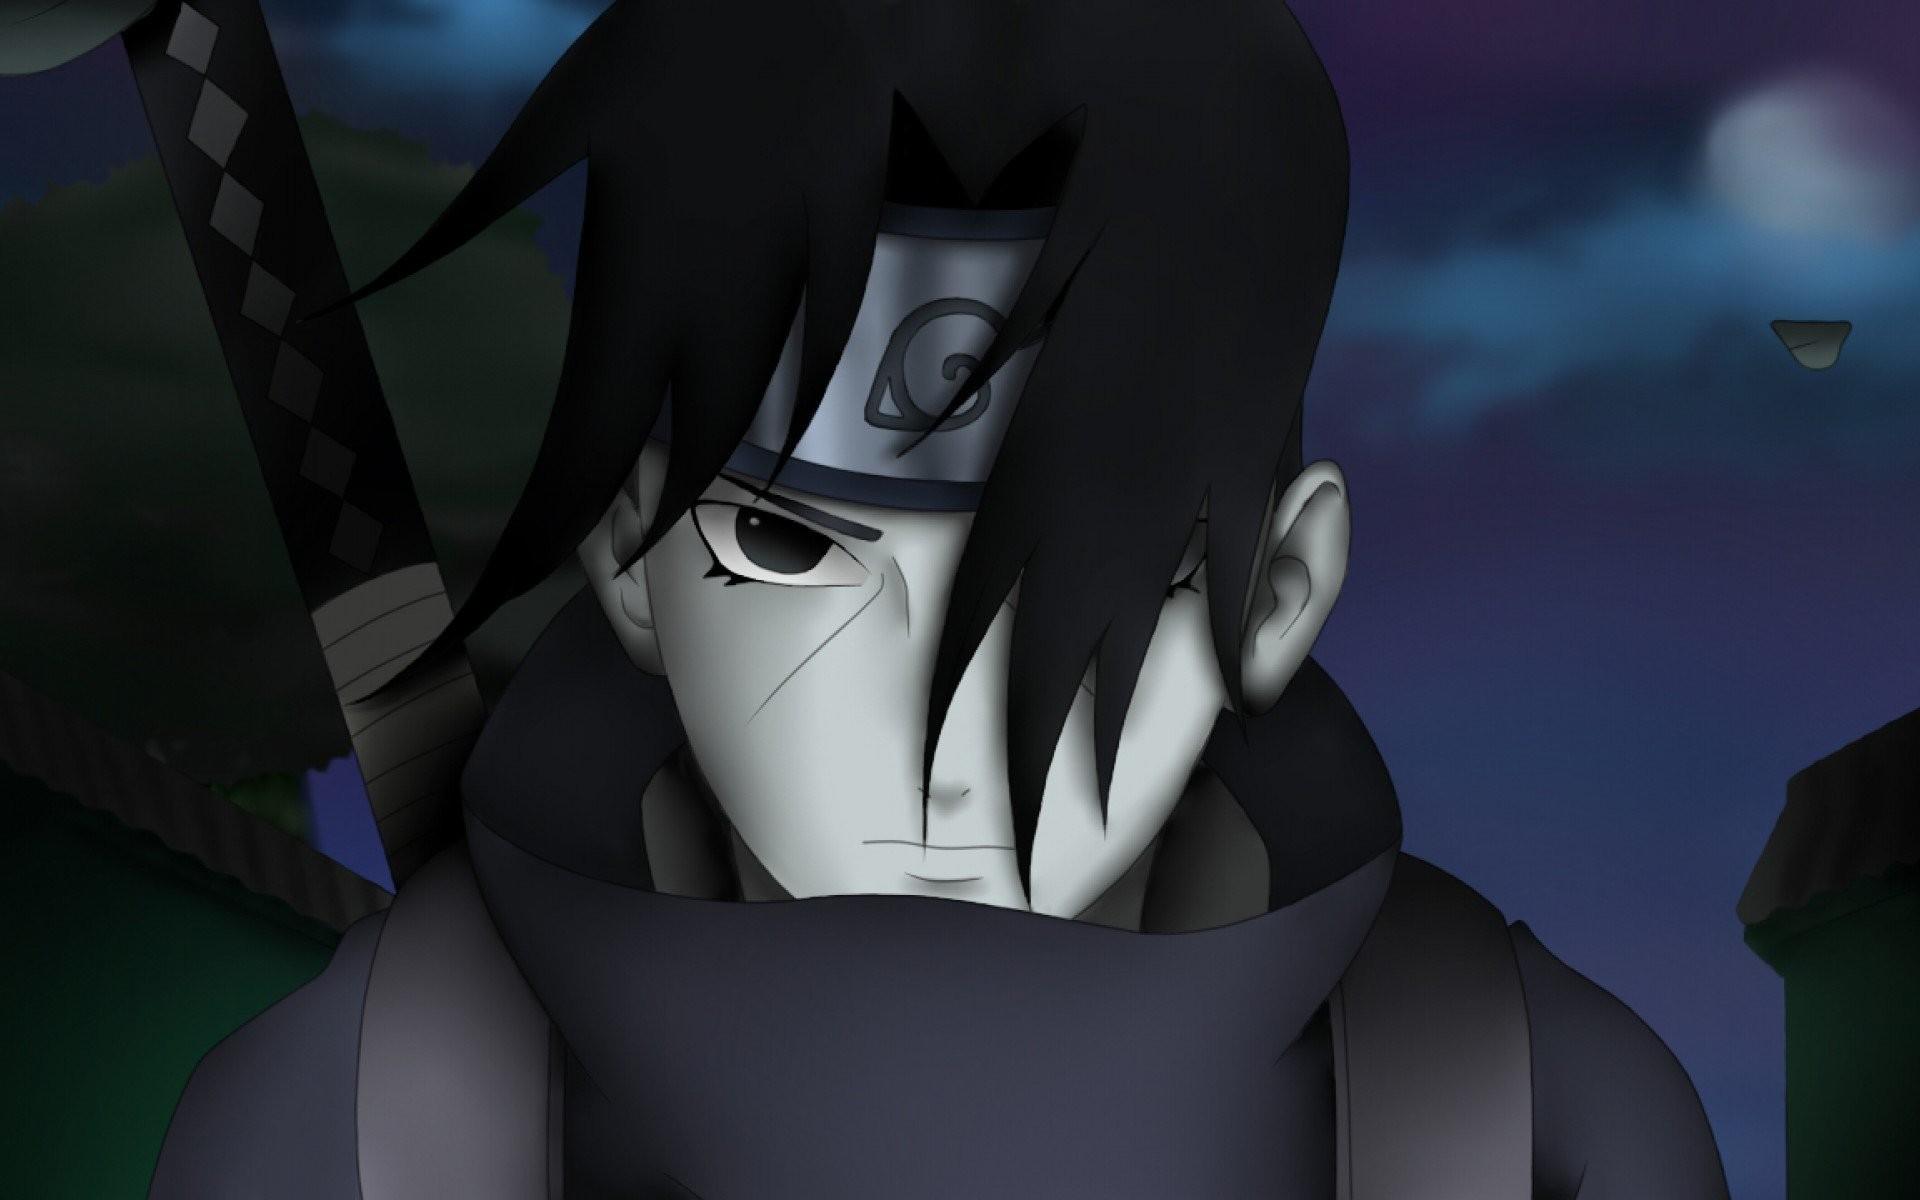 Itachi Hyuugas Gaara Haruno Sakura Deviantart Hinata Manga Anime Naruto  Shippuden Uchiha Walls